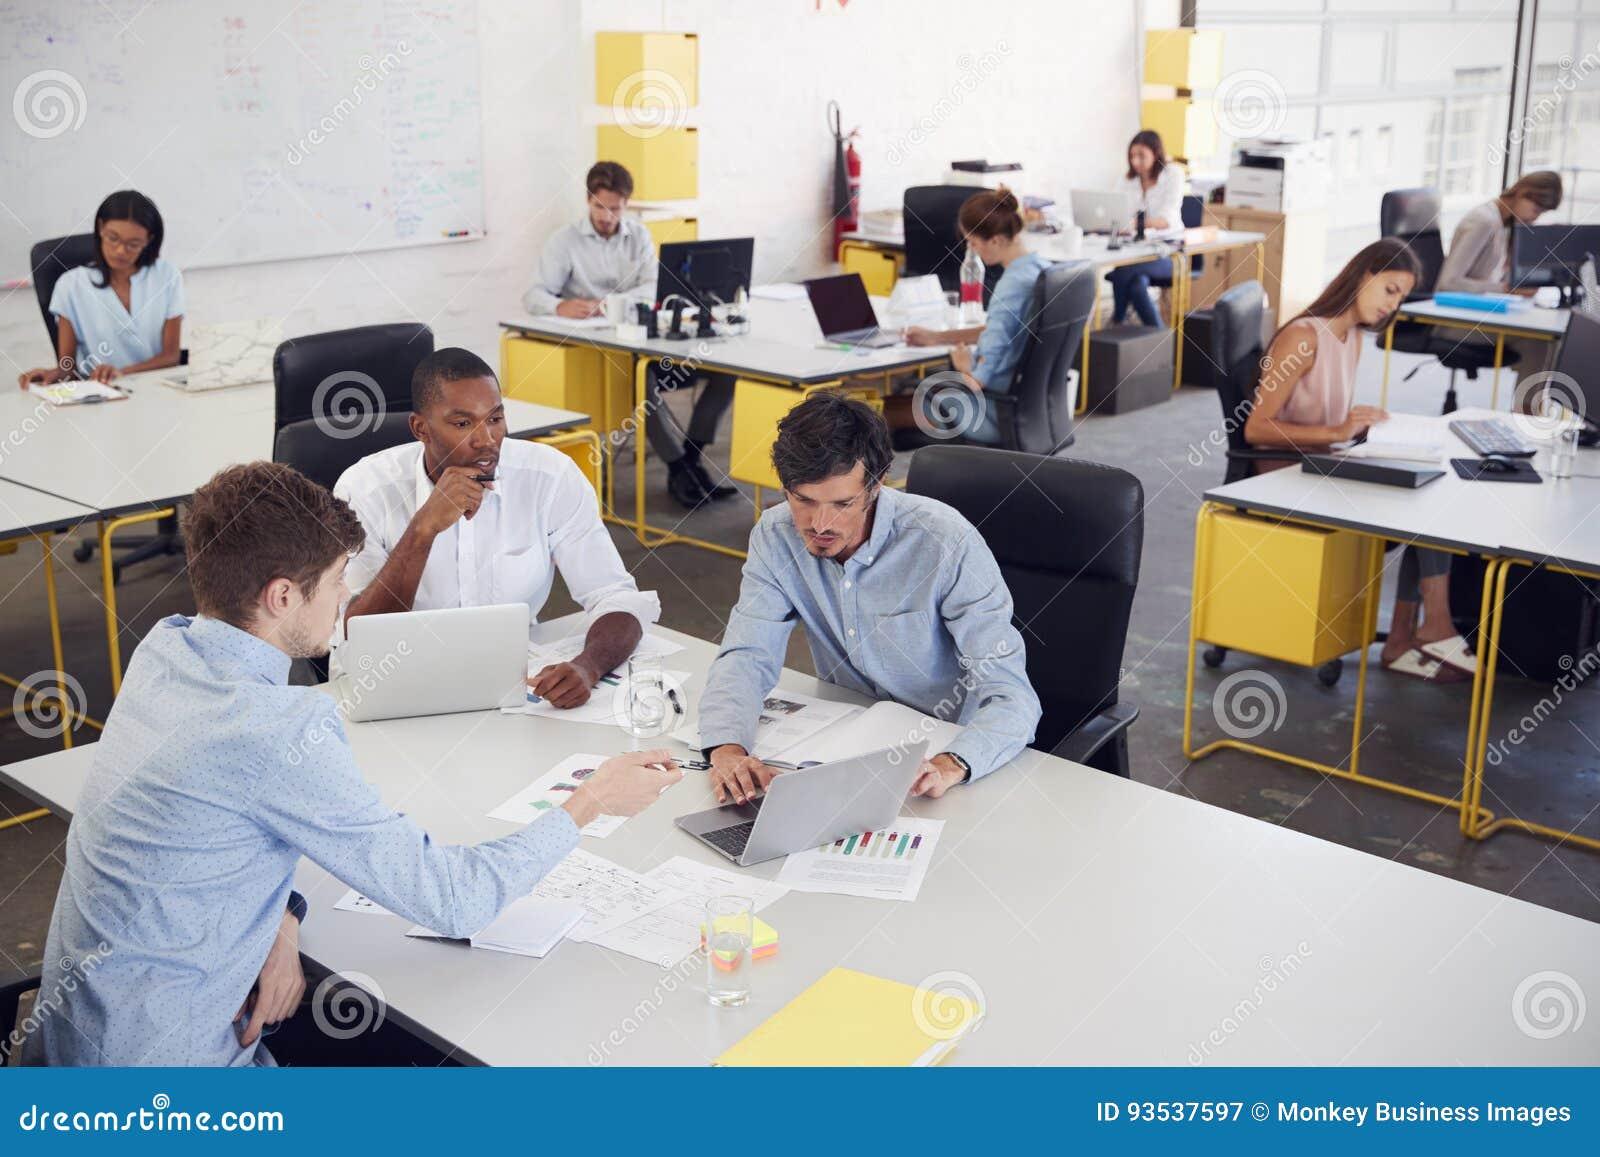 Τρία άτομα που εργάζονται μαζί σε ένα πολυάσχολο γραφείο, ανυψωμένη άποψη